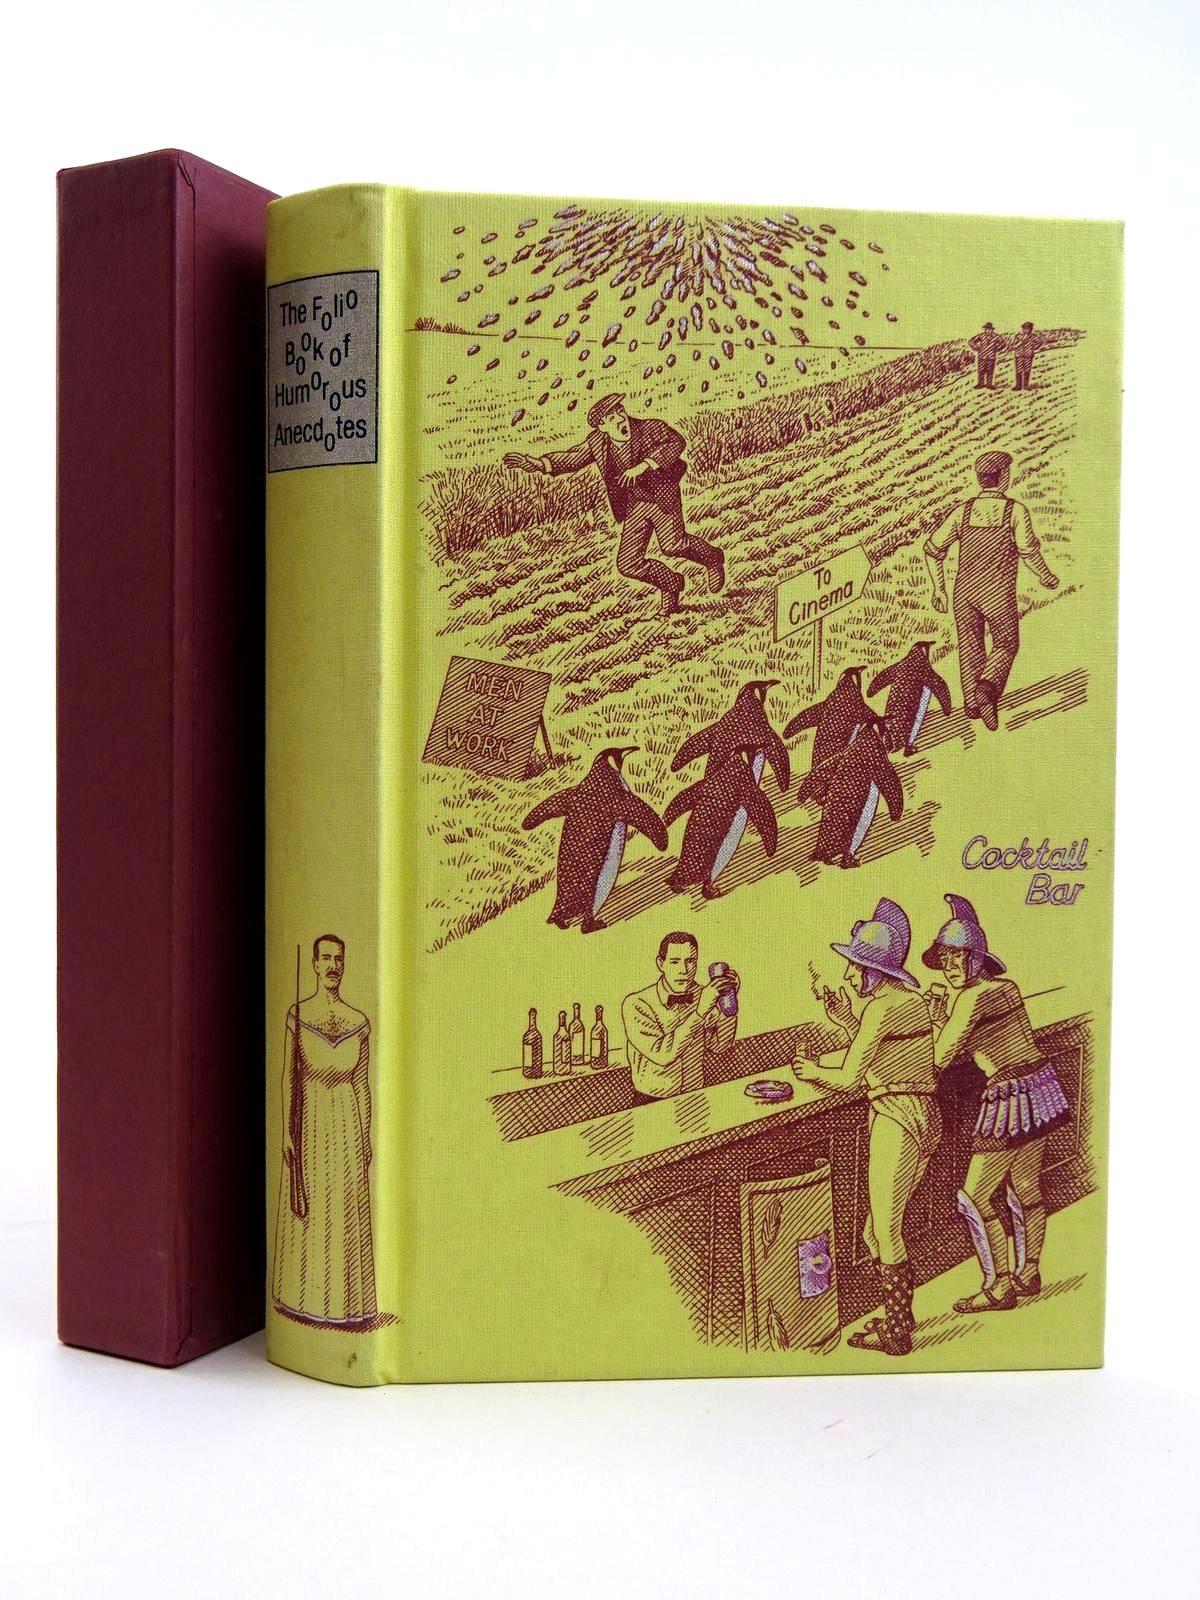 Photo of THE FOLIO BOOK OF HUMOROUS ANECDOTES